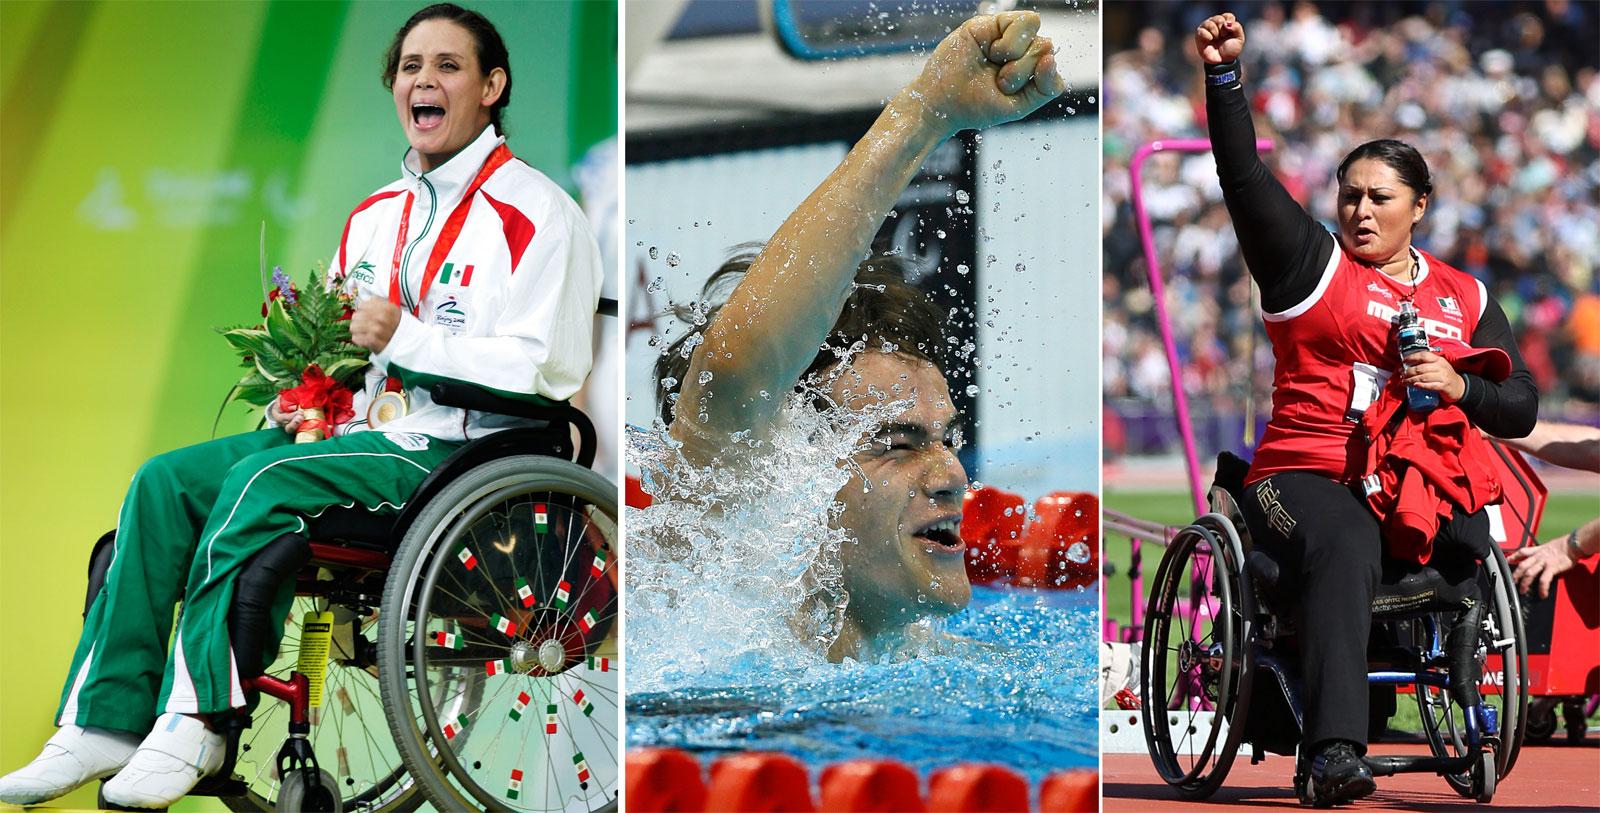 El deporte paralímpico, más que reflexiones necesita acciones